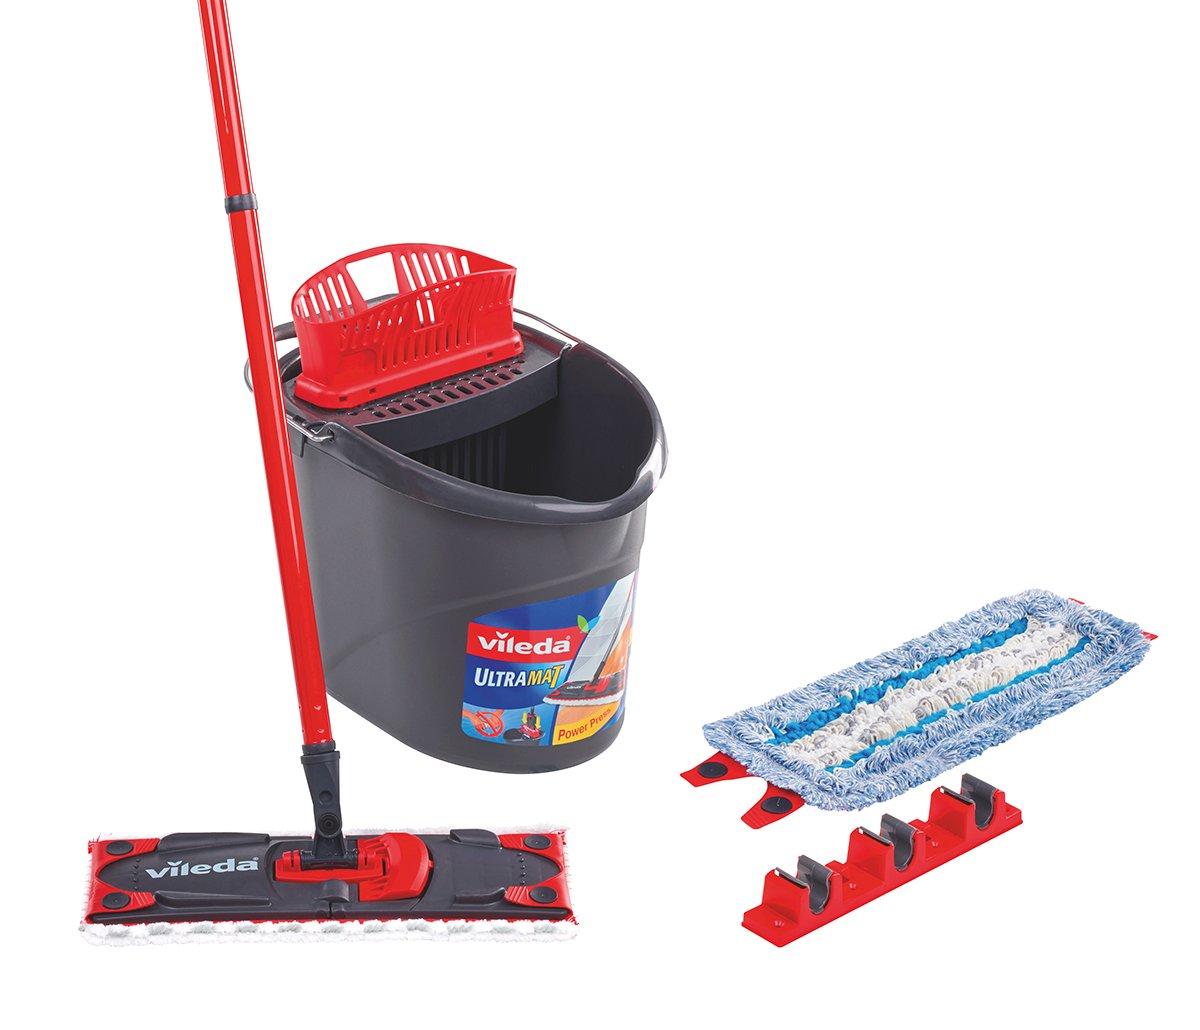 Vileda Set completo per la pulizia dei pavimenti Ultramat Con panno umido di ricambio e reggimanico 150708